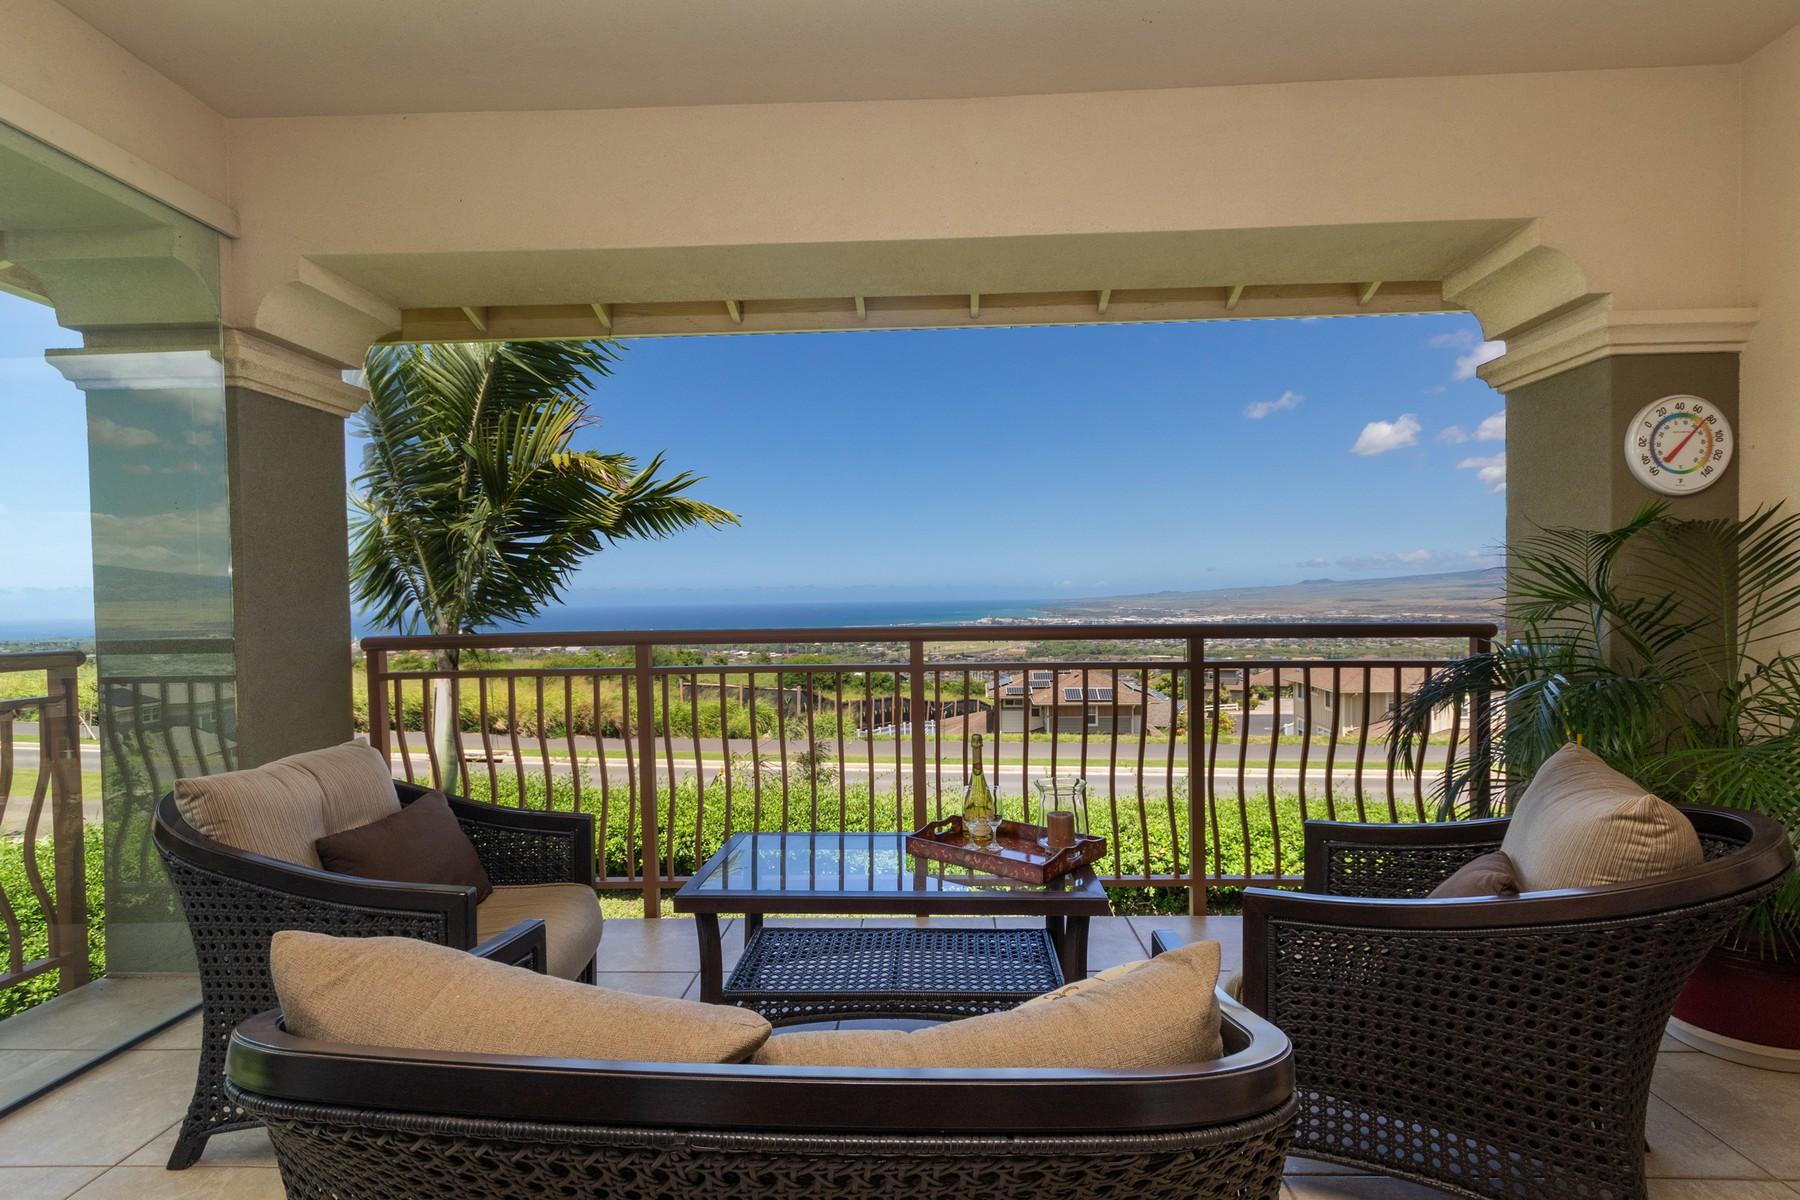 Townhouse for Active at Front Row - Infinite Views 15 Awela Circle, Villas at Kehalani #101 Wailuku, Hawaii 96793 United States